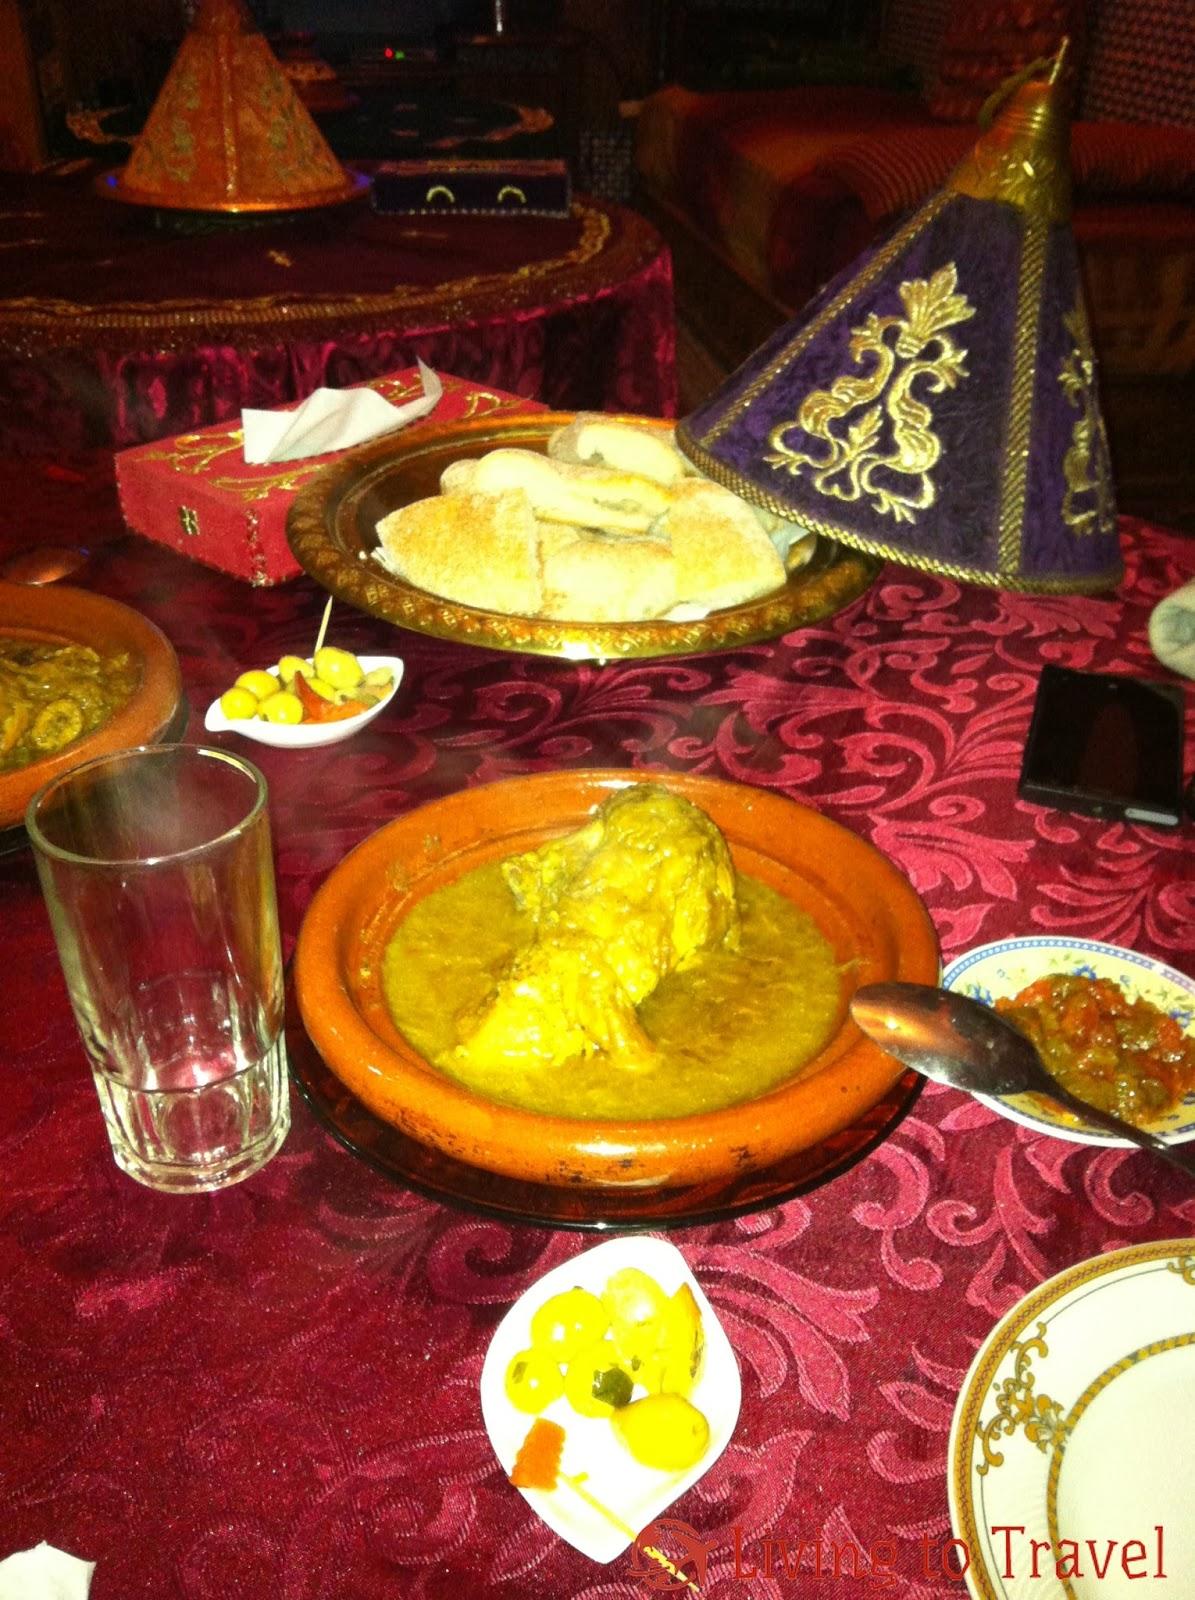 Descubriendo la Medina de Fez, Marruecos ~ Living to travel